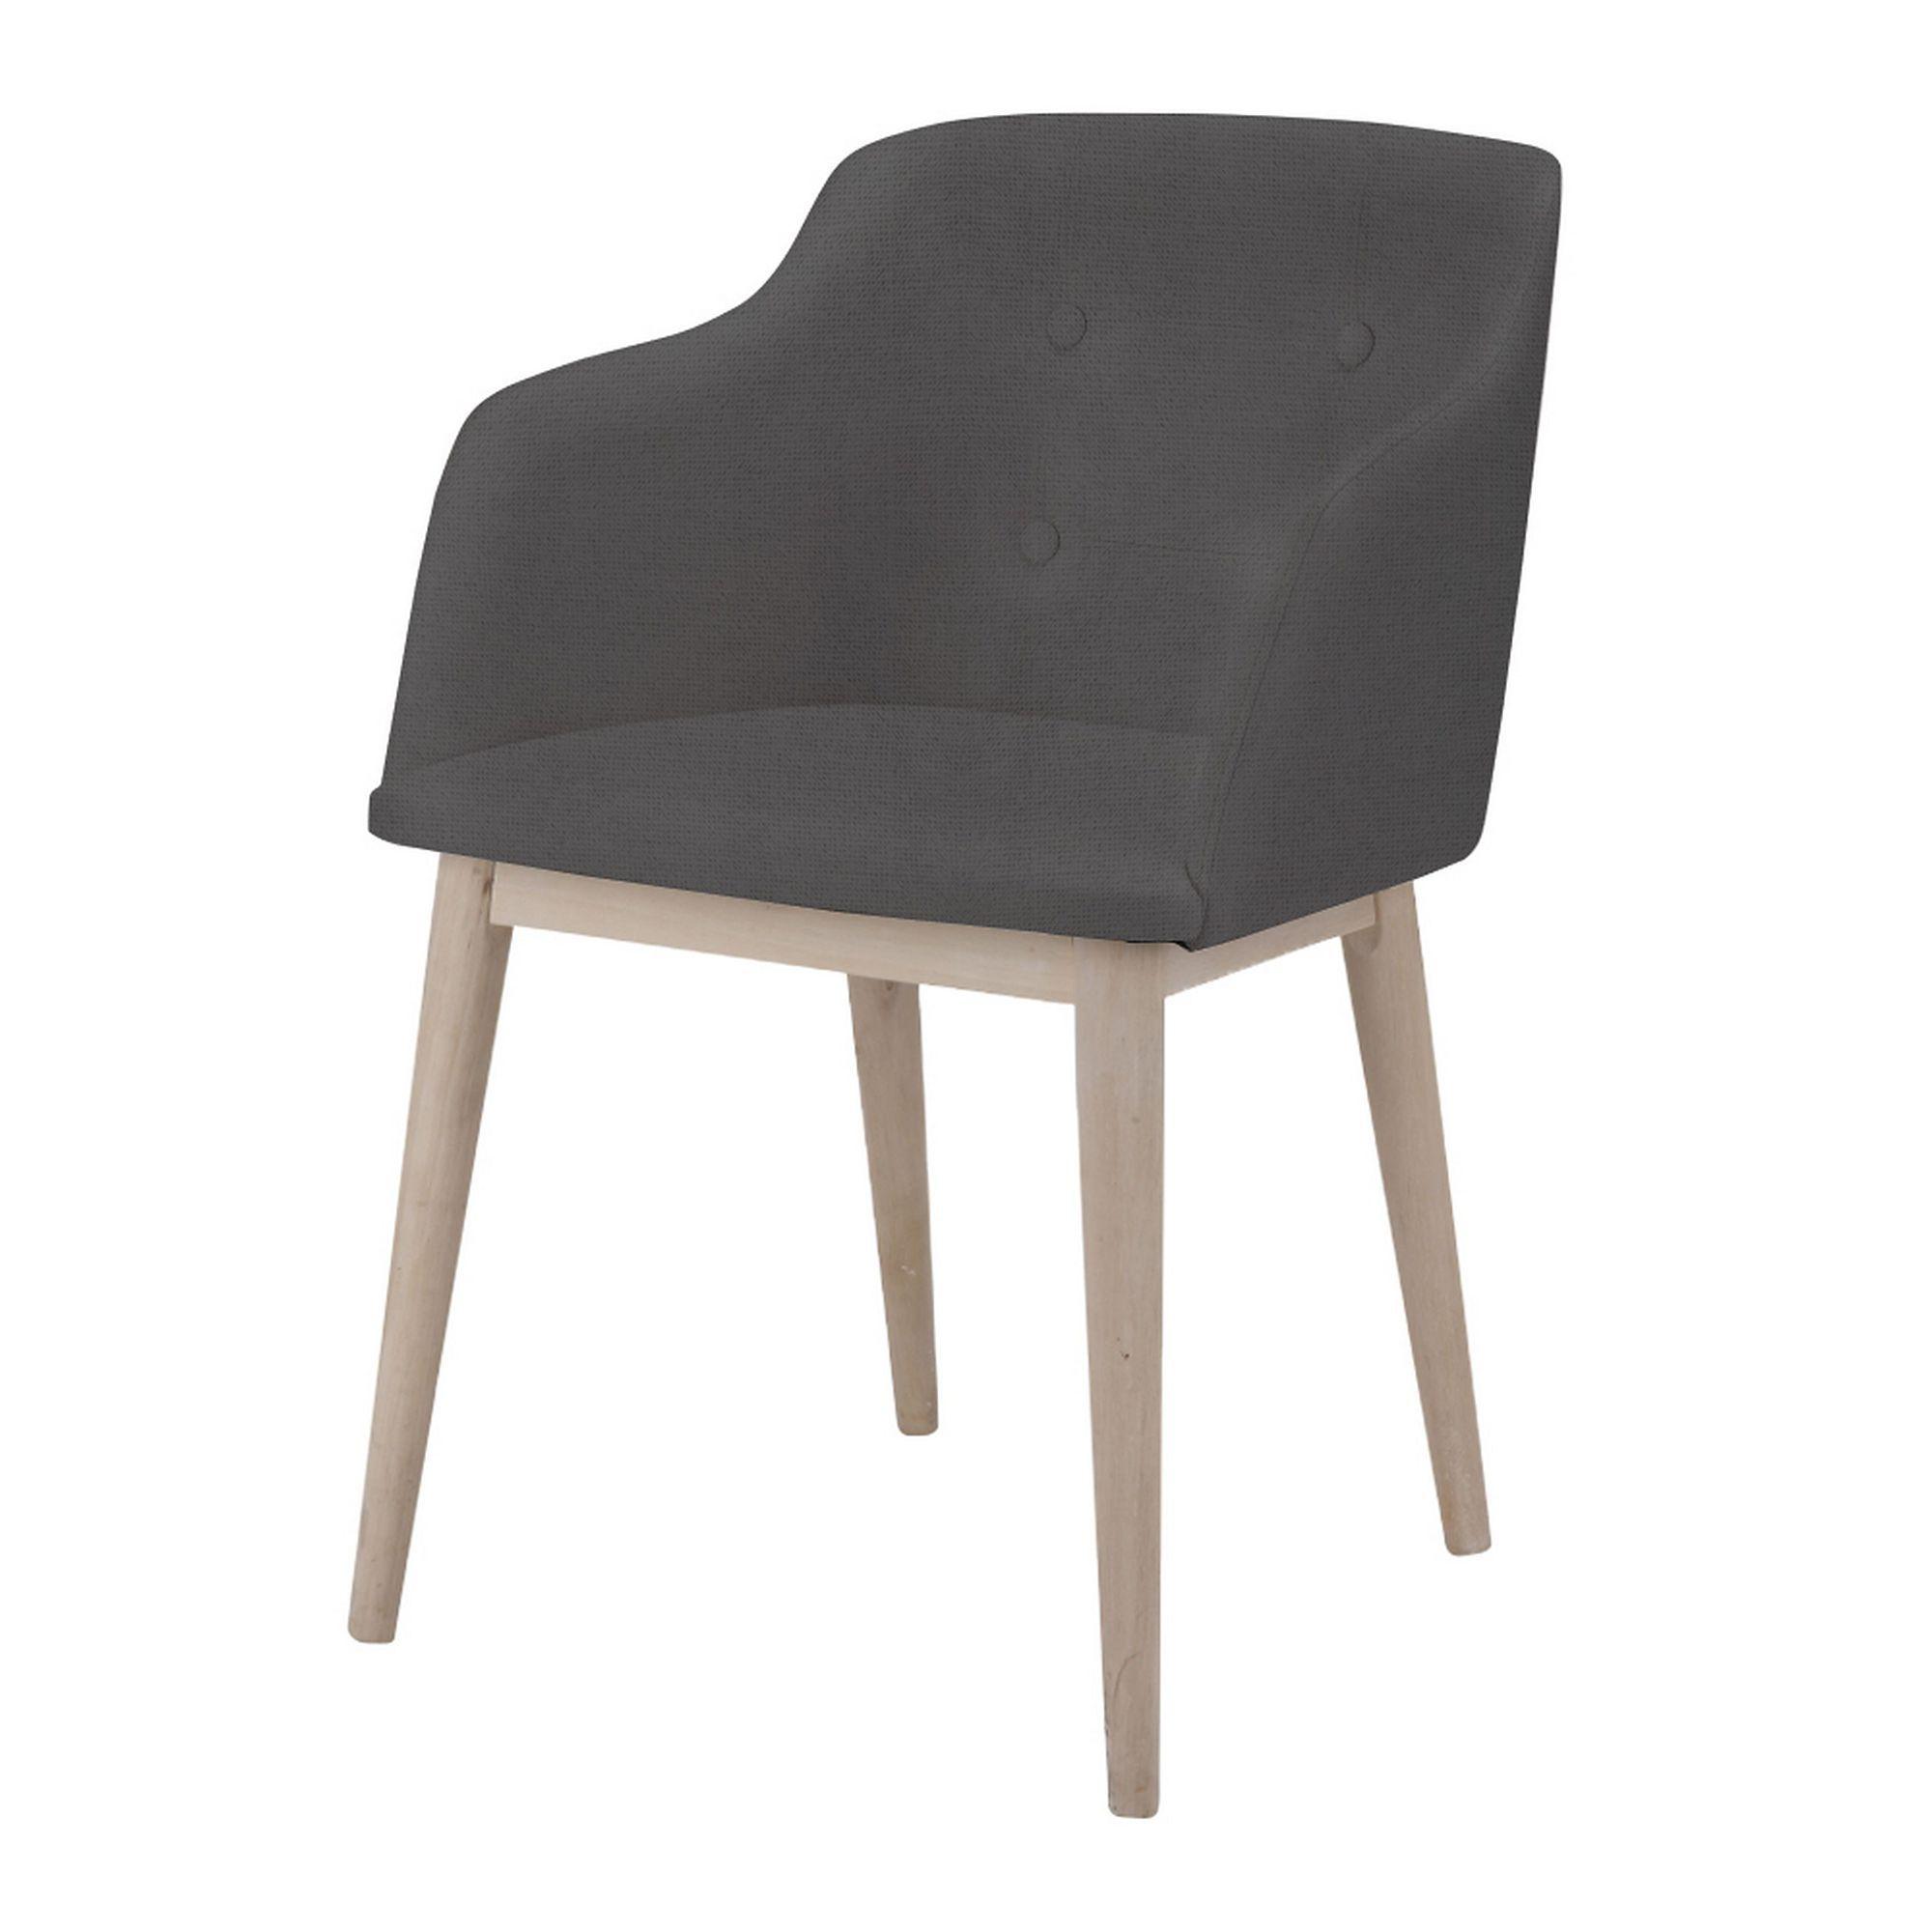 Chaise De Sejour Capitonnee Anthracite Cork Chaises Tables Et Chaises Salon Et Salle A Manger Par Piece Chaise De Sejour Mobilier De Salon Table Et Chaises